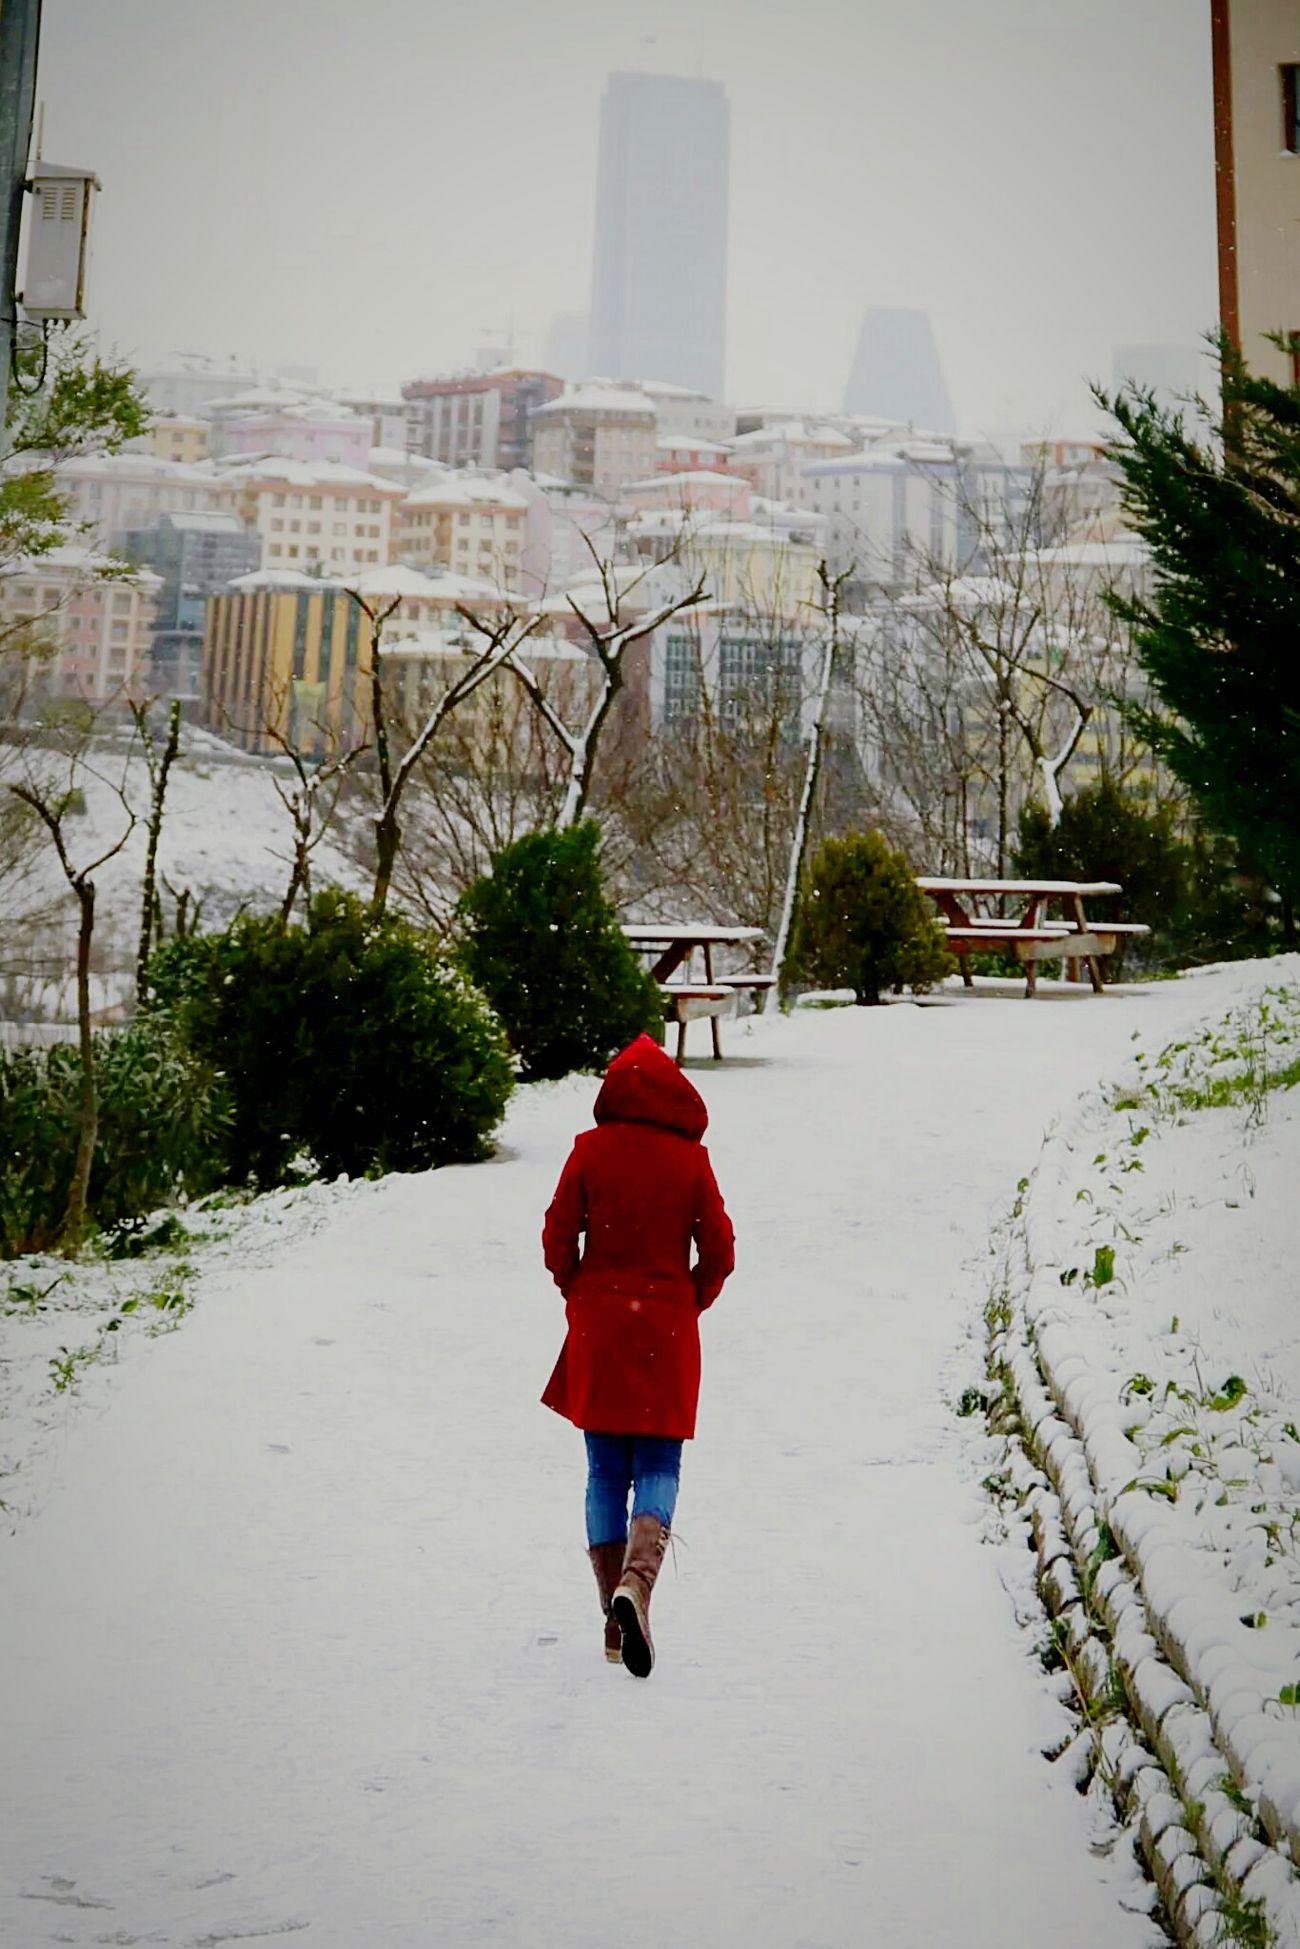 Yaşamdankareler ıstanbul Hayat Kar Sehir Kış Kağıthane Insan Yalnızlık Soğuk Hava